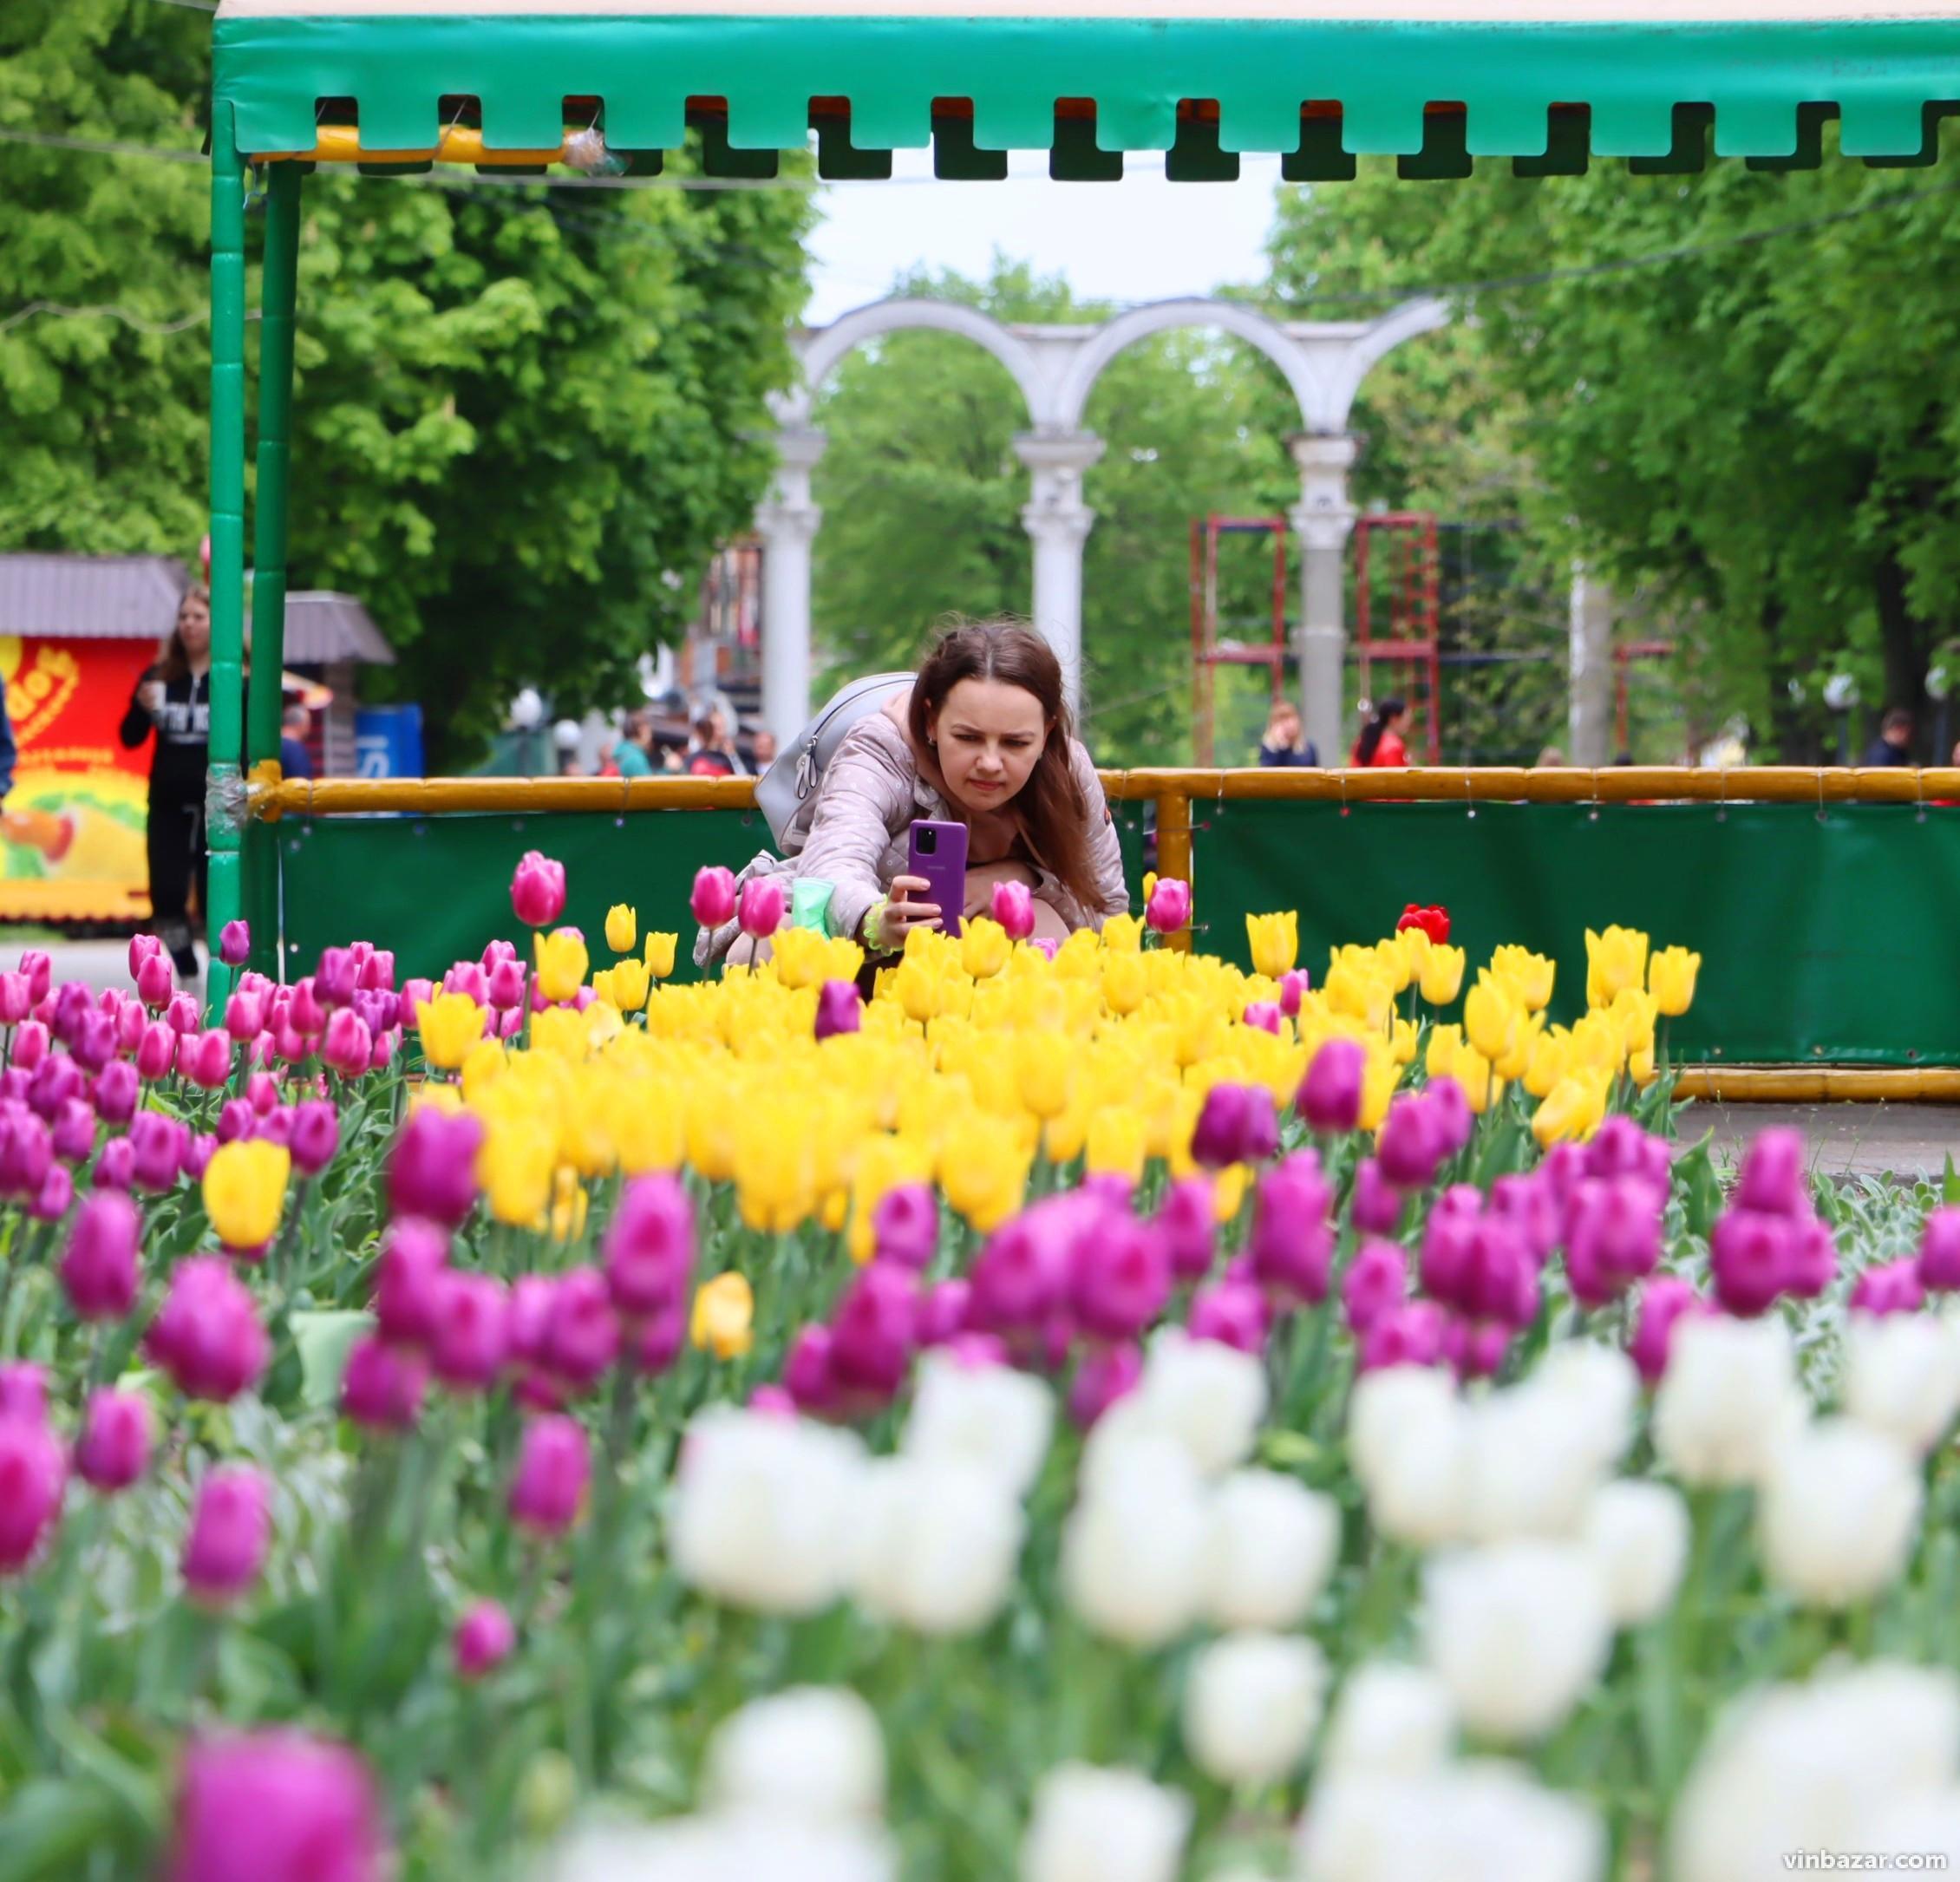 Вінниця у квітах: місто заполонив цвіт сакур, магнолій та тюльпанів (Фото)